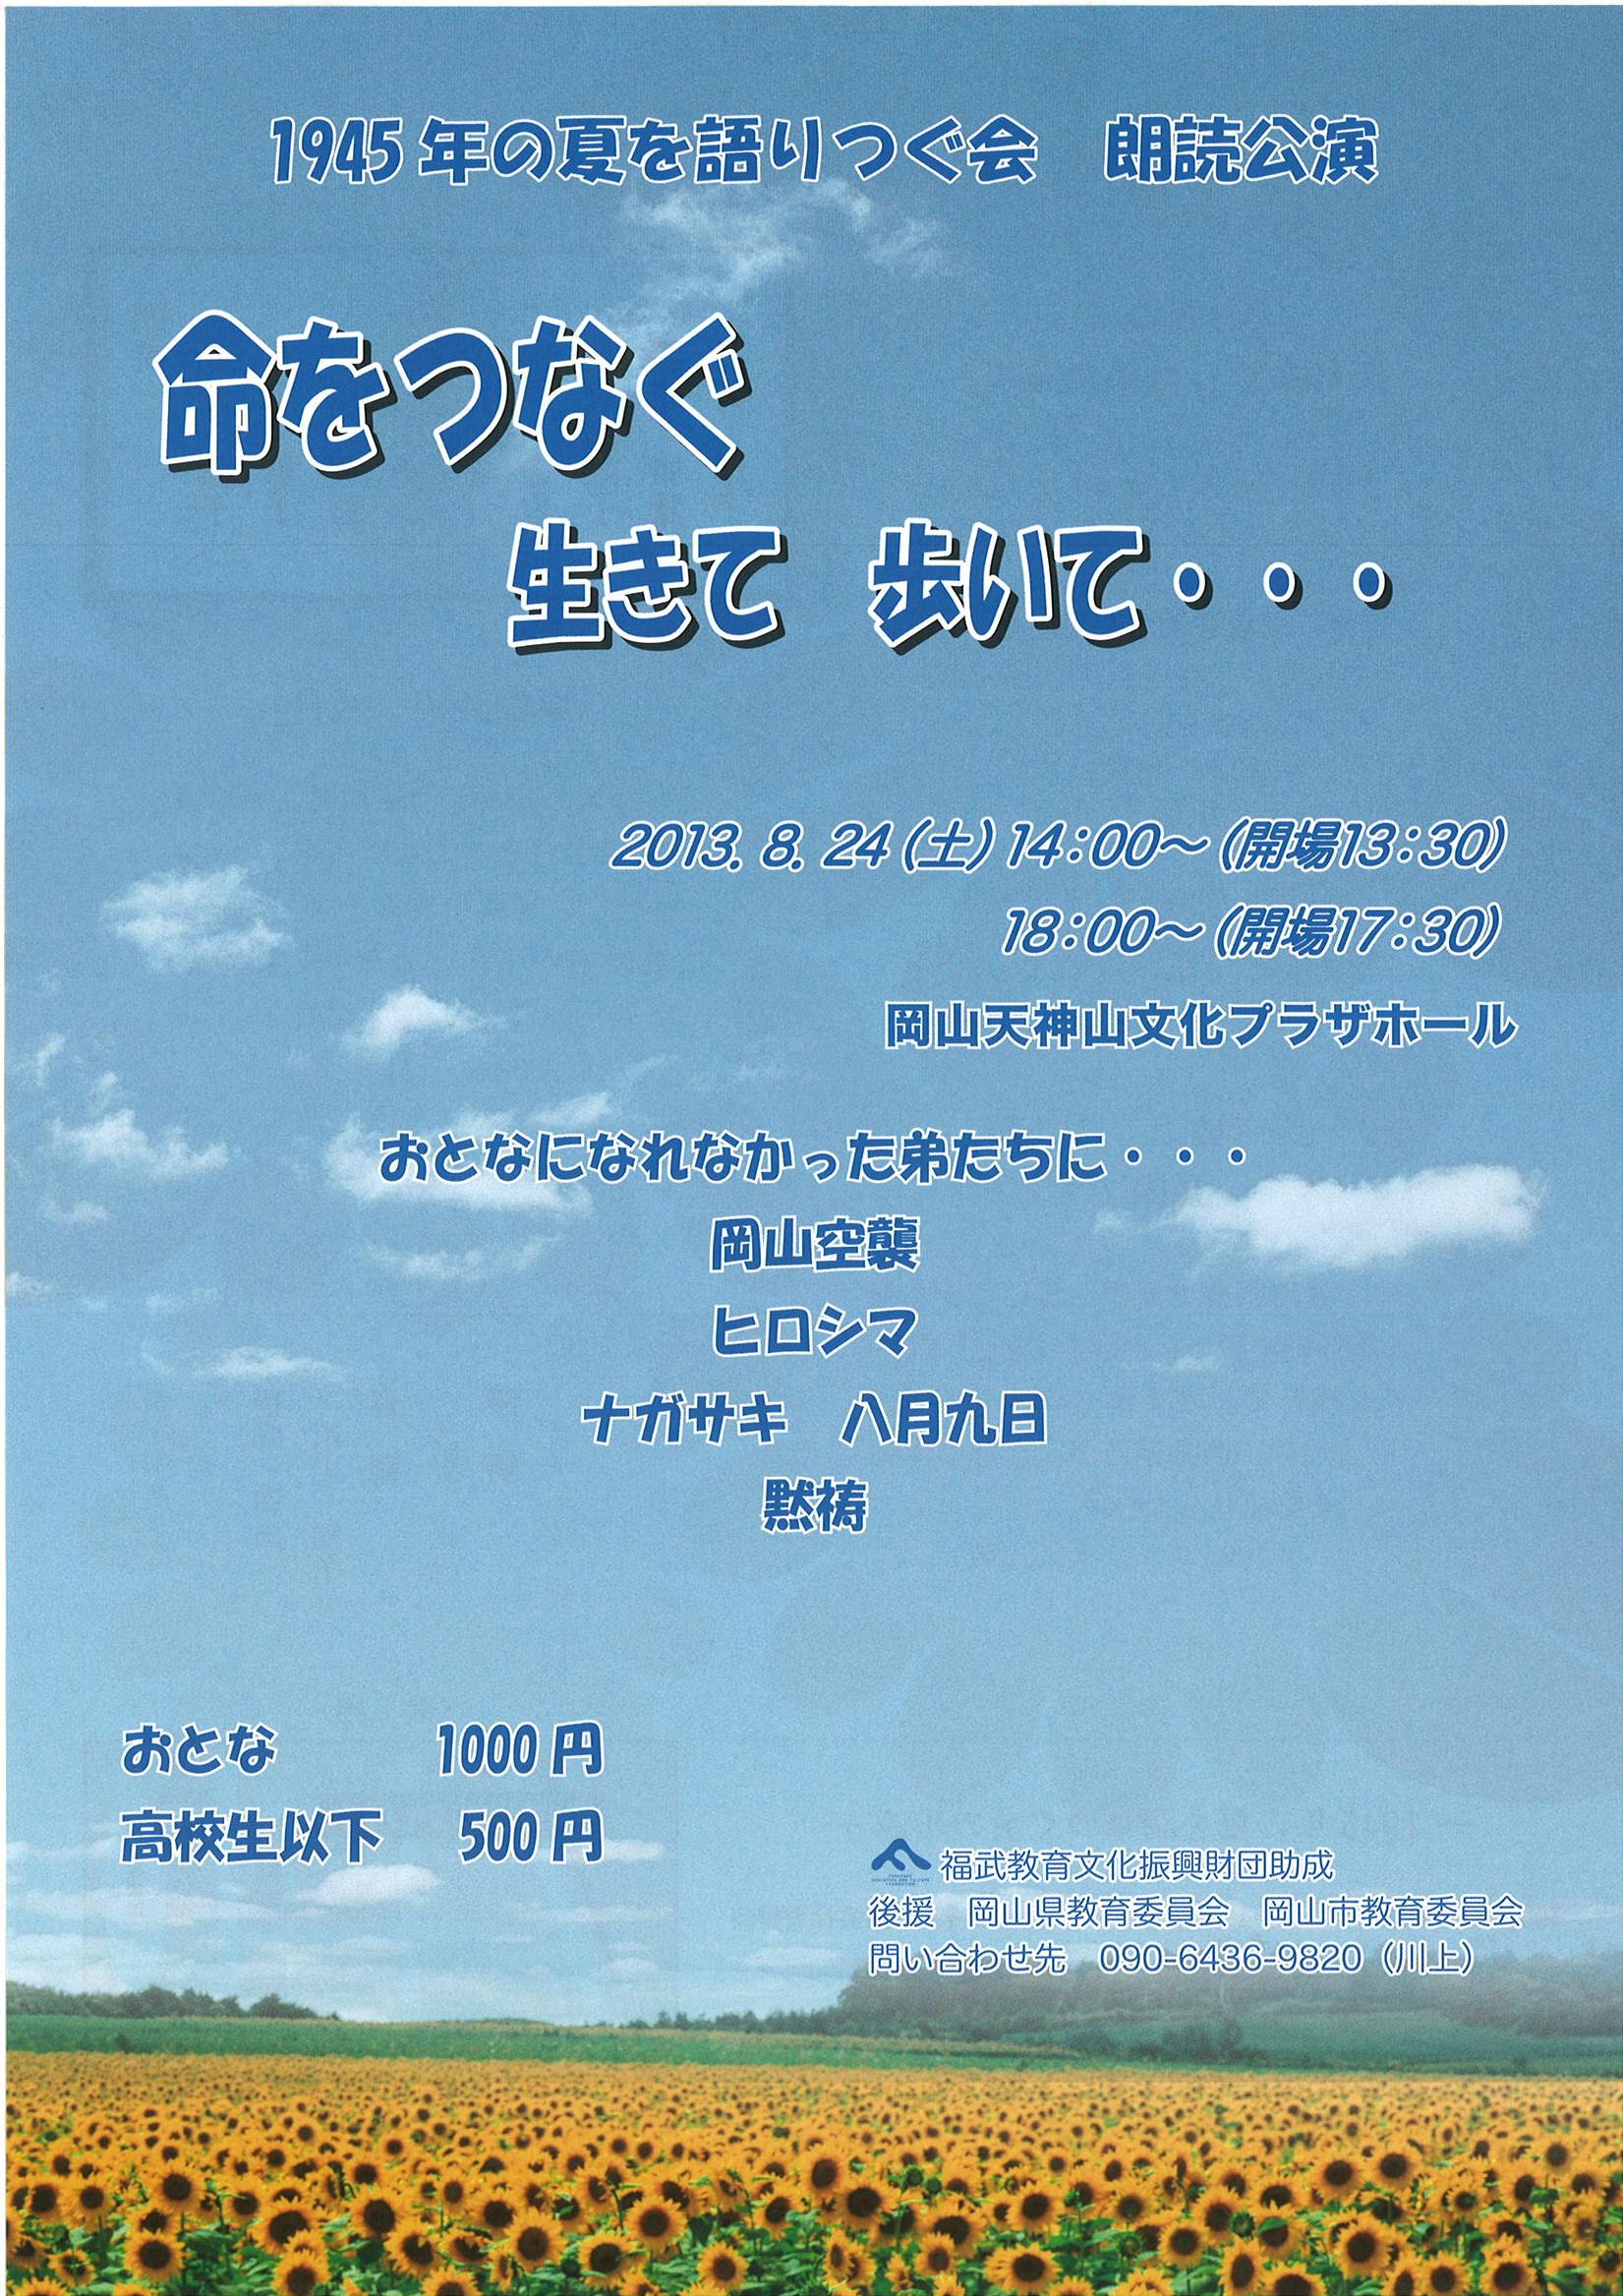 【イベント】1945年の夏を語りつぐ会 朗読講演「いのちをつなぐ 生きて 歩いて・・・」